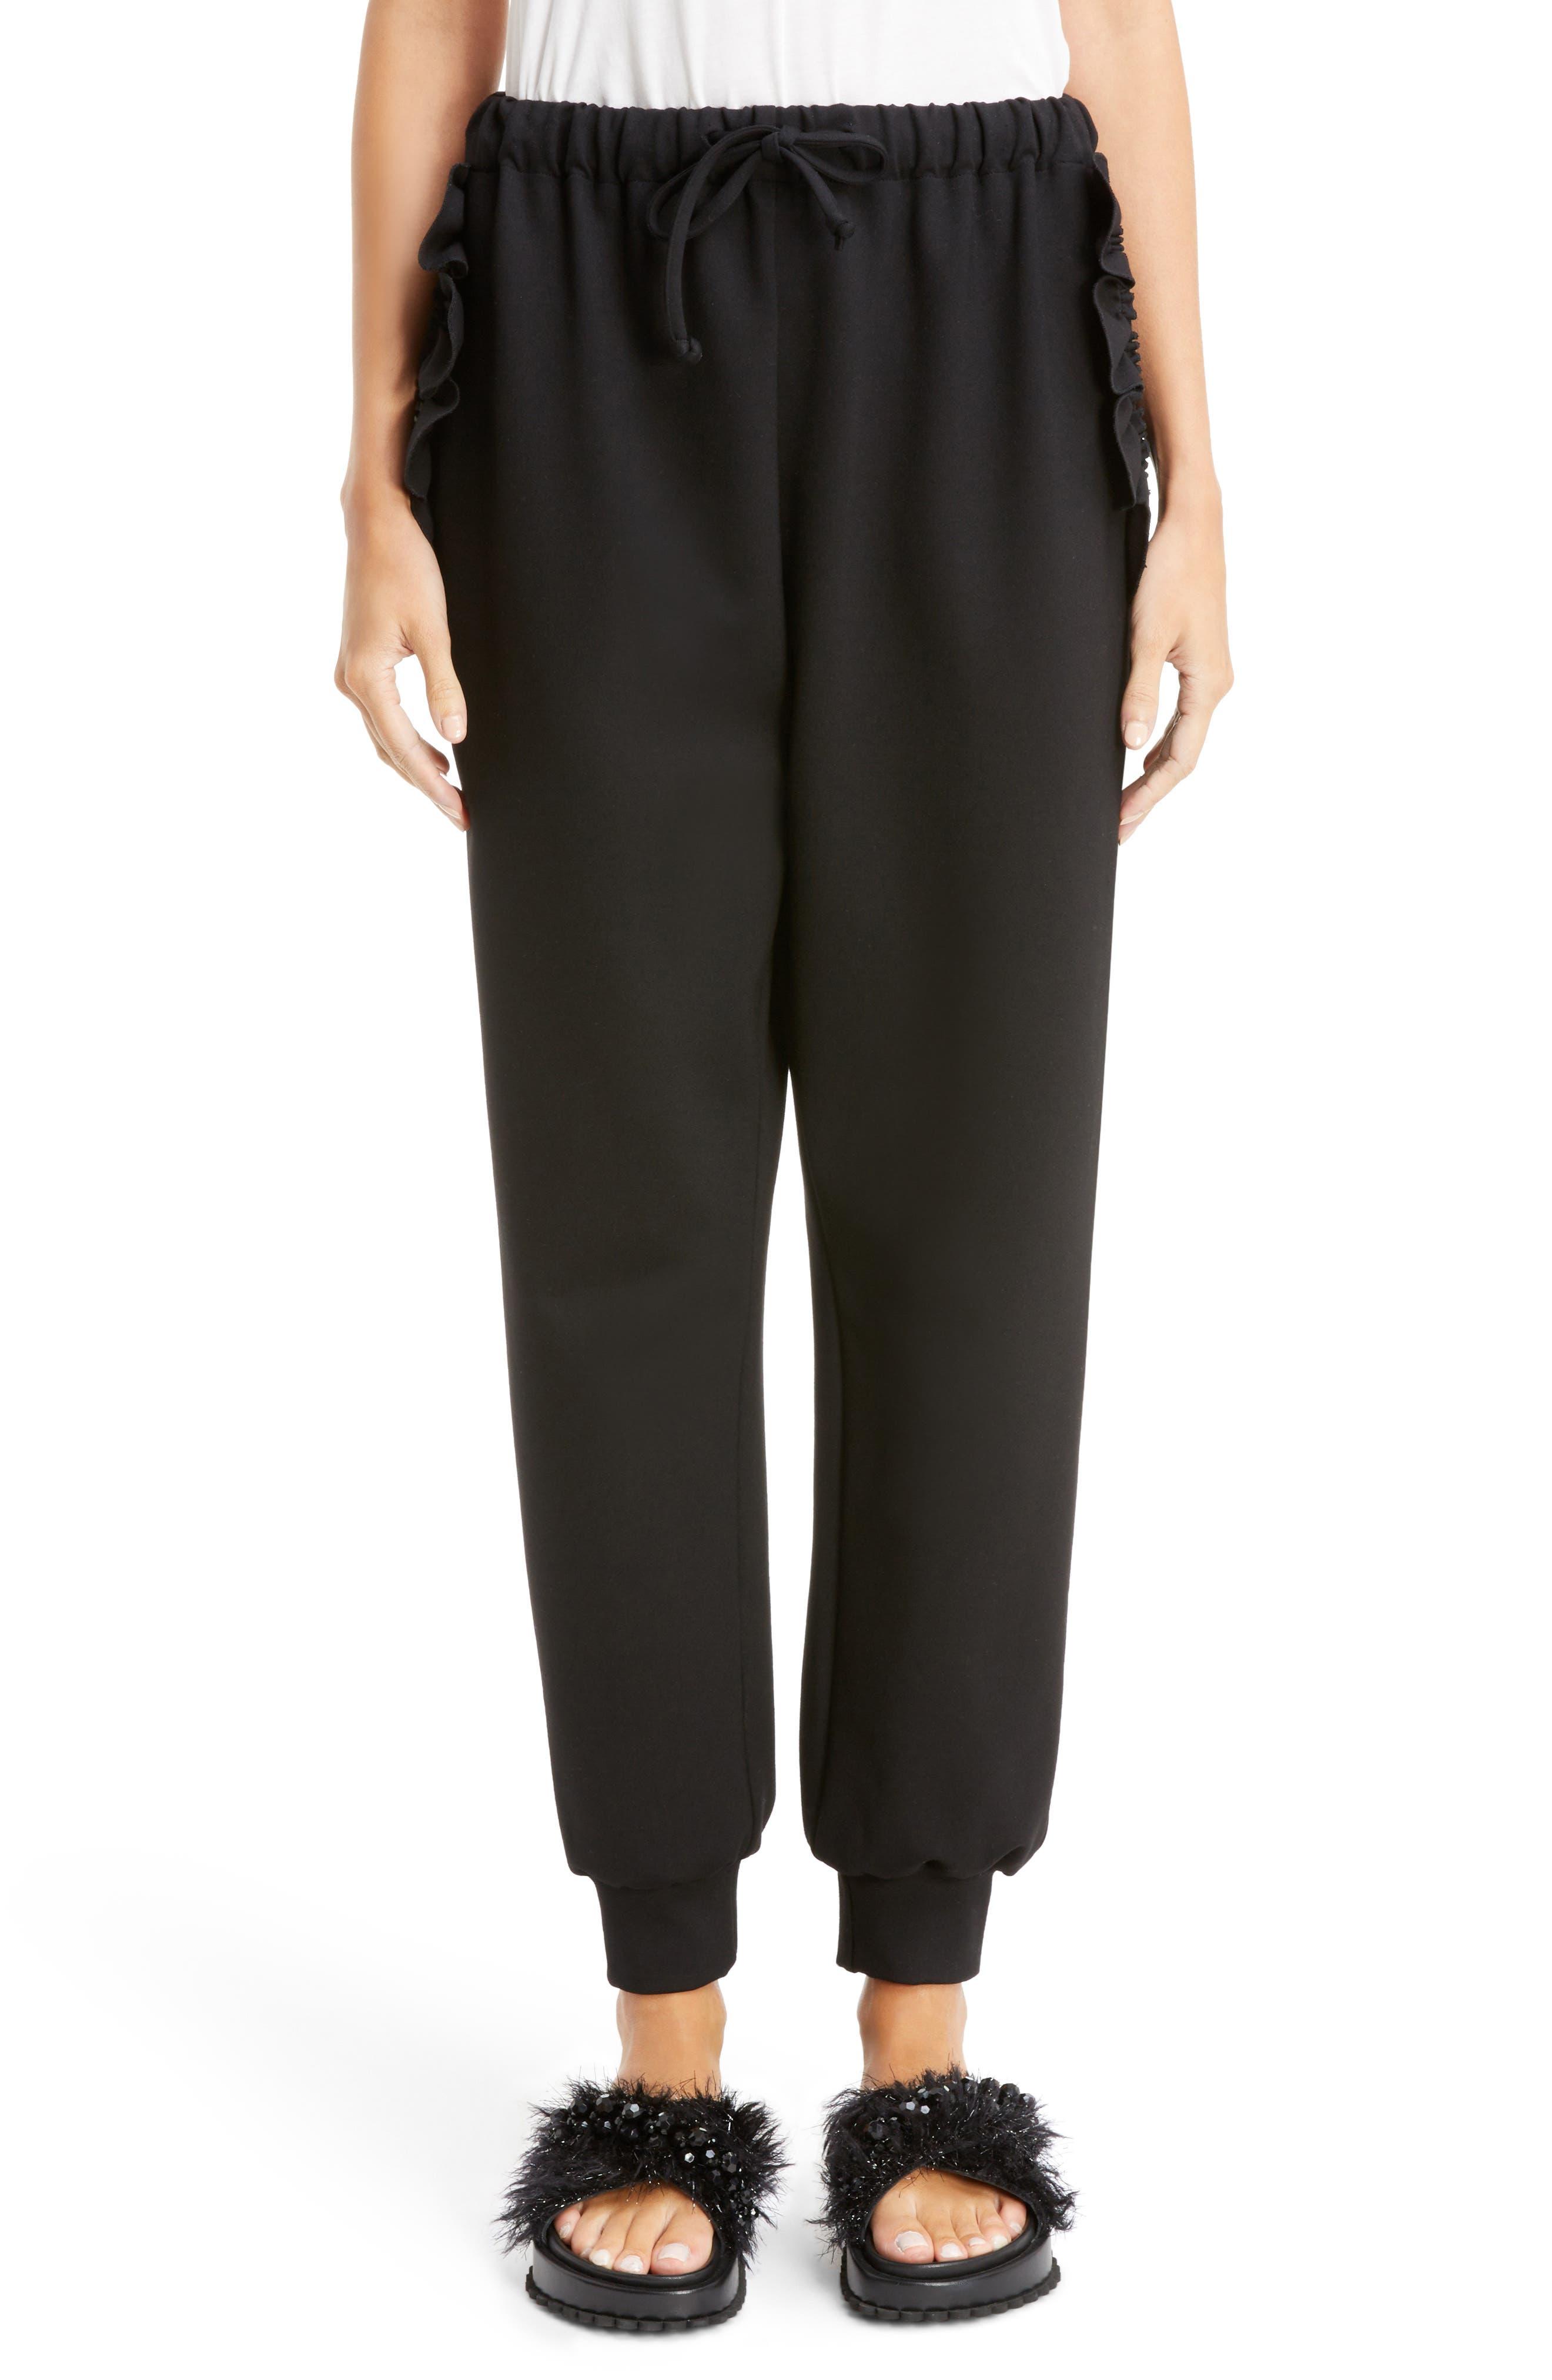 Simone Rocha Ruffle Embellished Jogging Pants